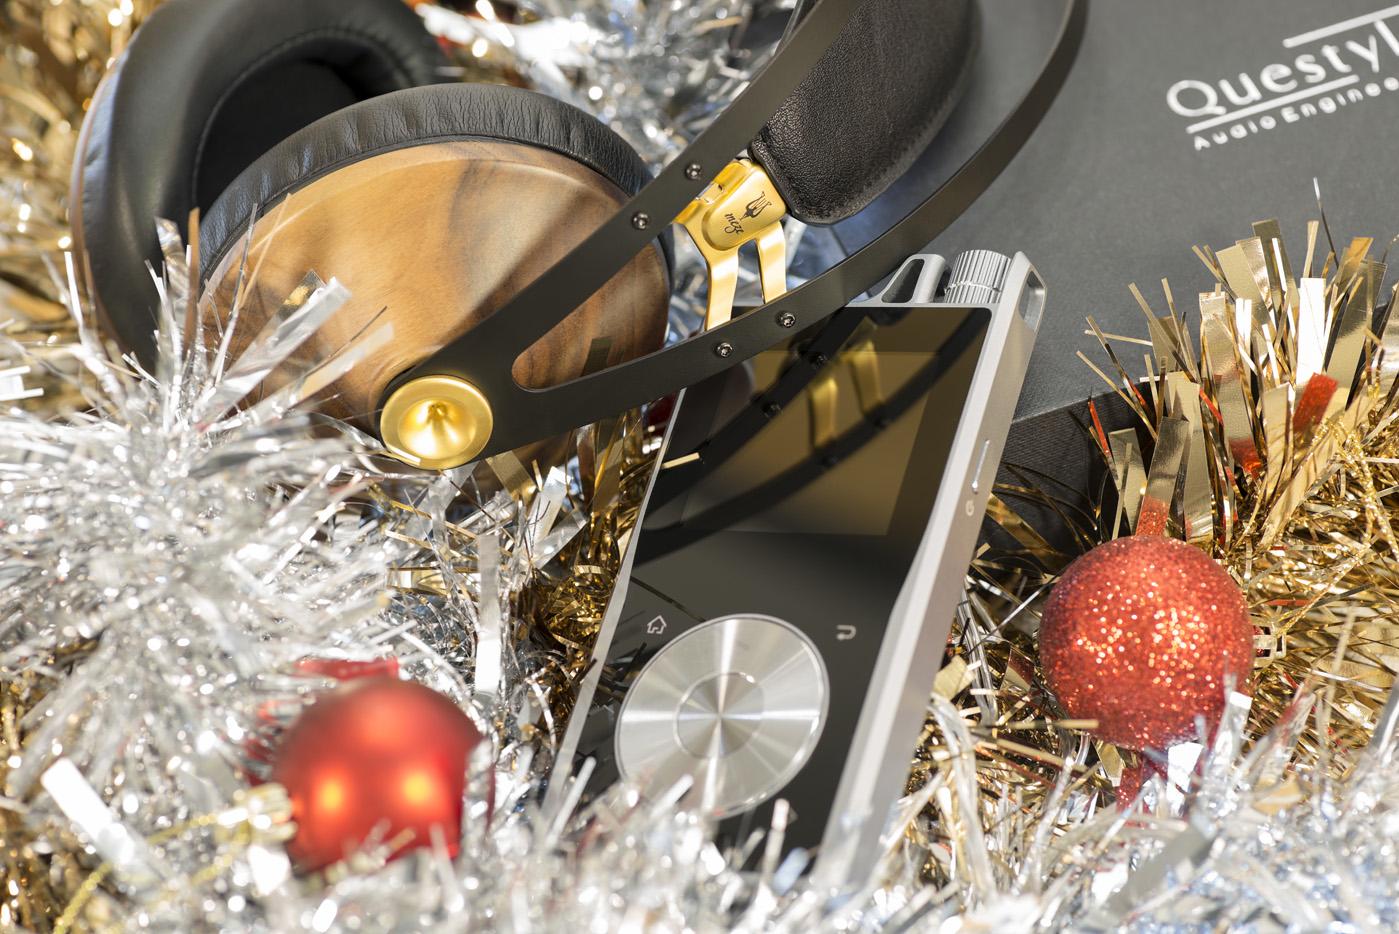 10% OFF - Meze 99 Classics Headphones + Questyle QP1R High-Res Digital Audio Player